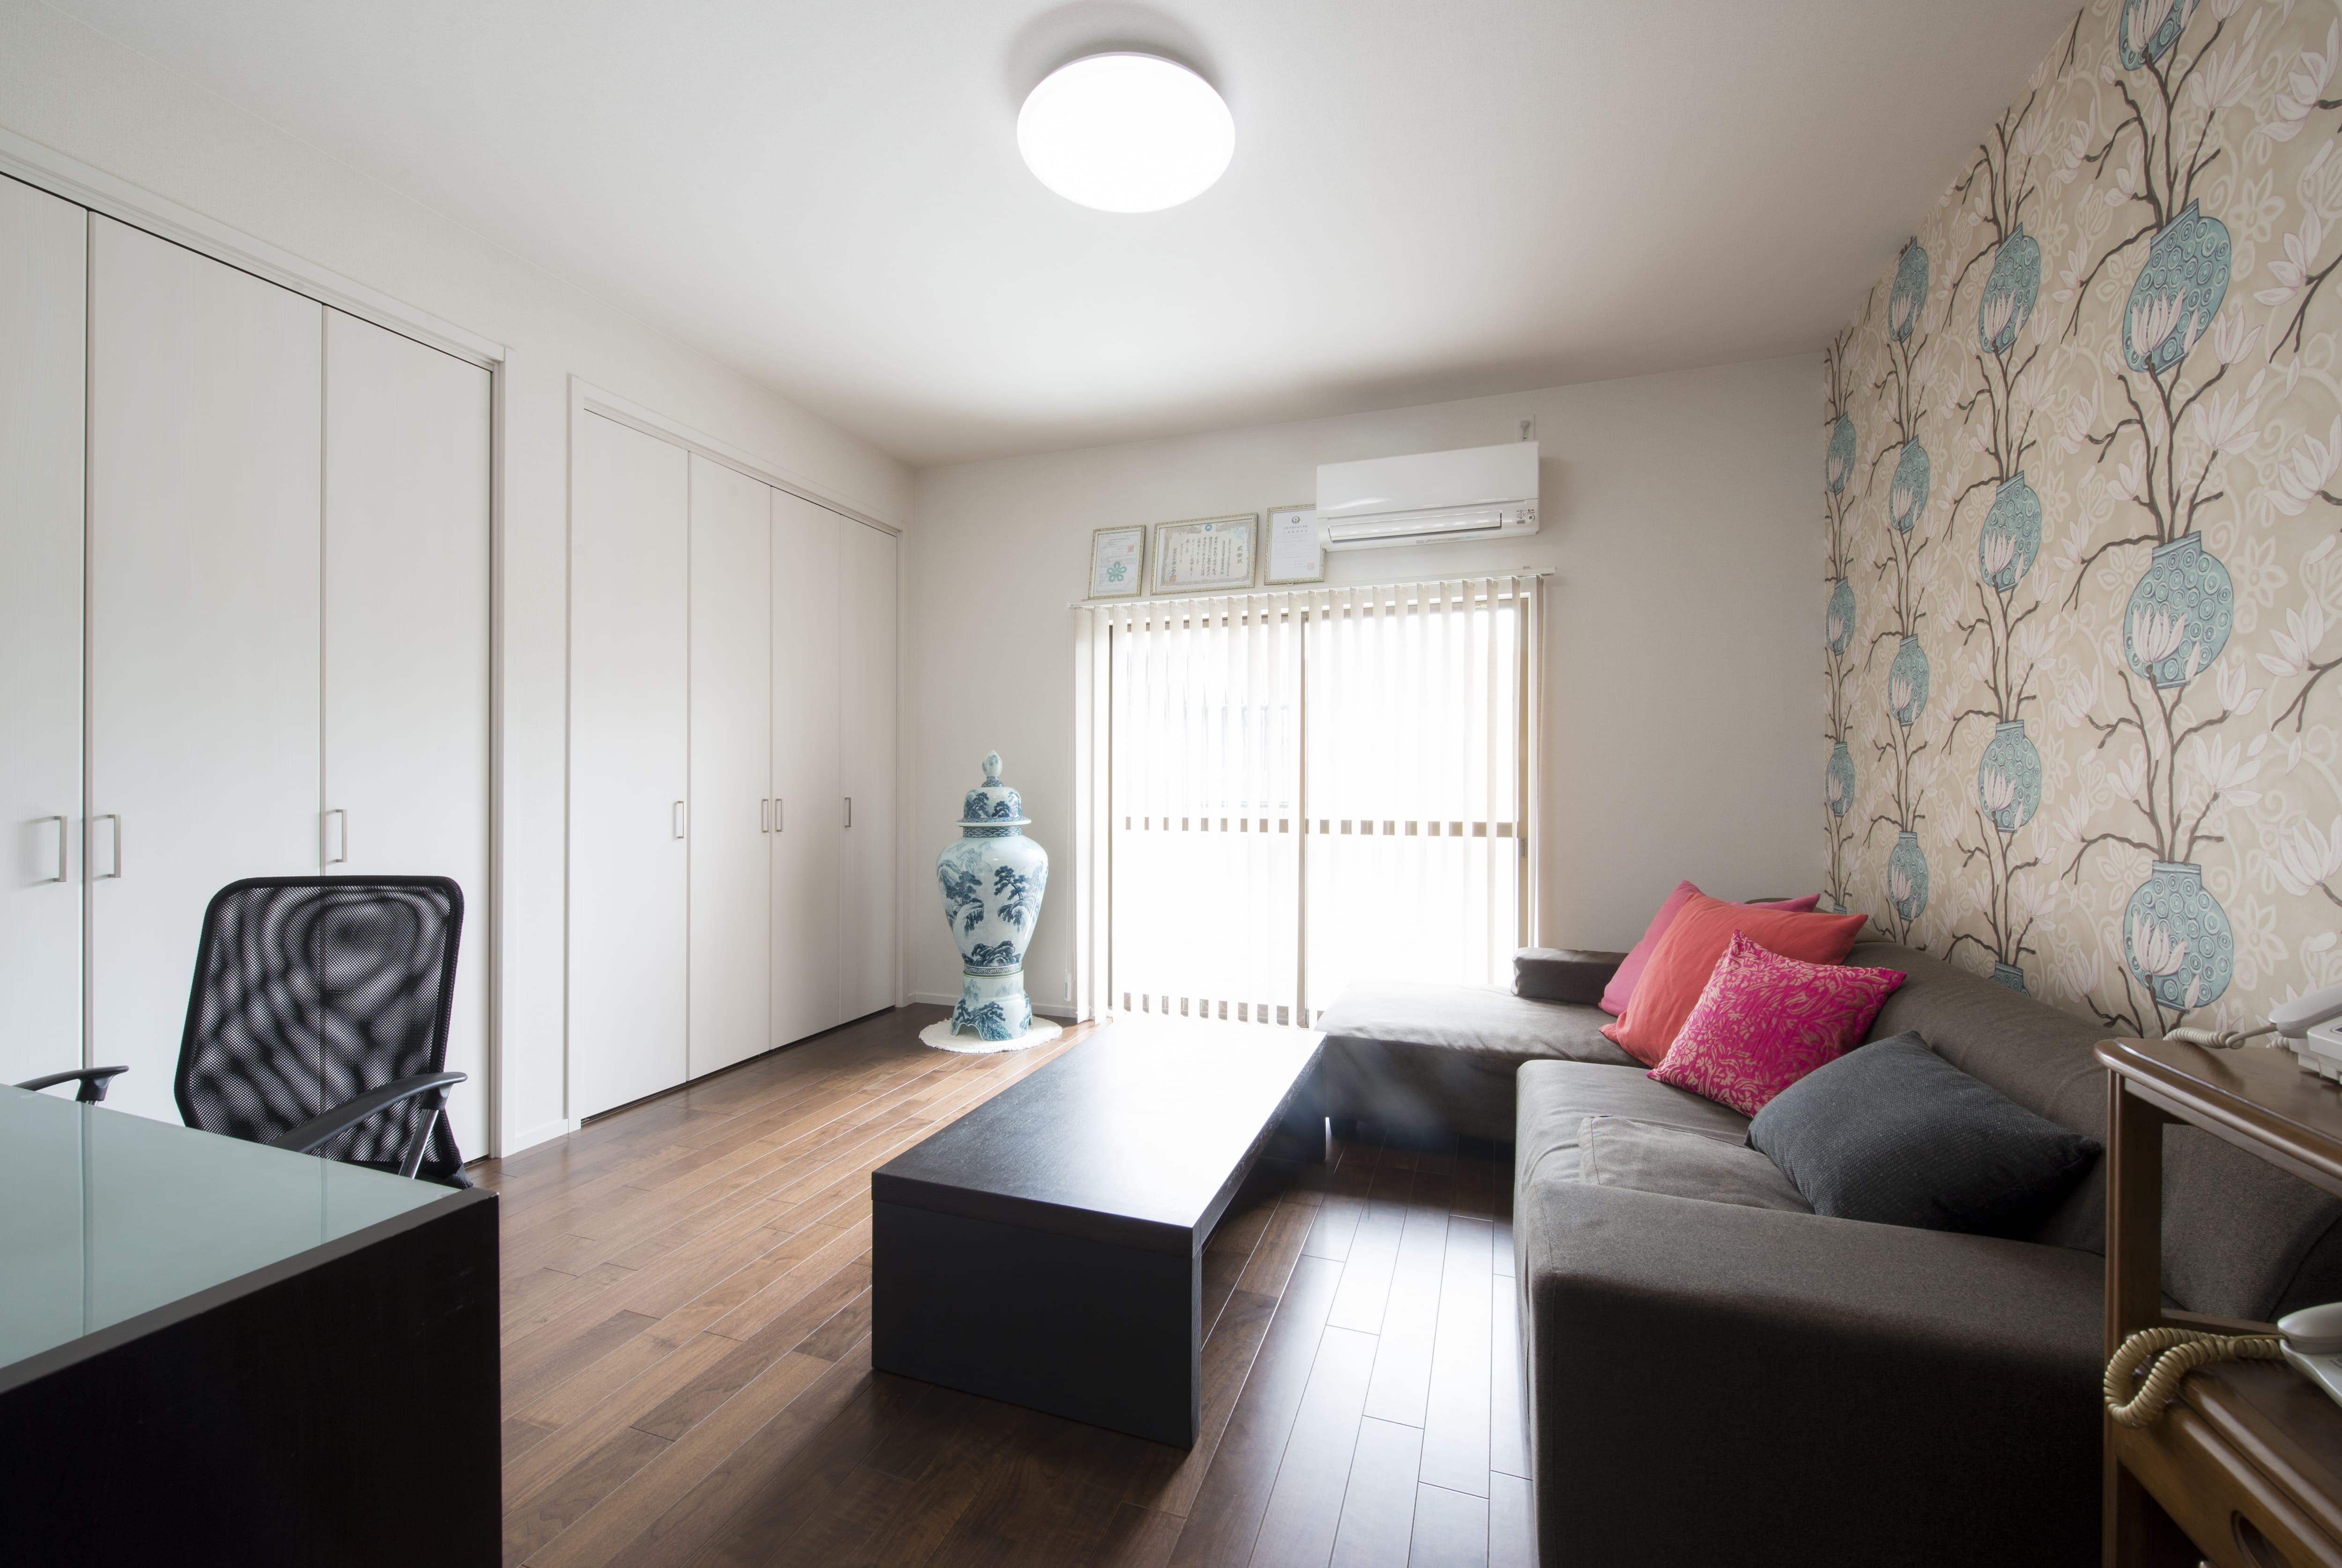 リビングダイニング事例:和室を洋室に変更。(外観は純和風のままに、室内はアーバンモダンの洗練されたデザインへとリフォーム。)